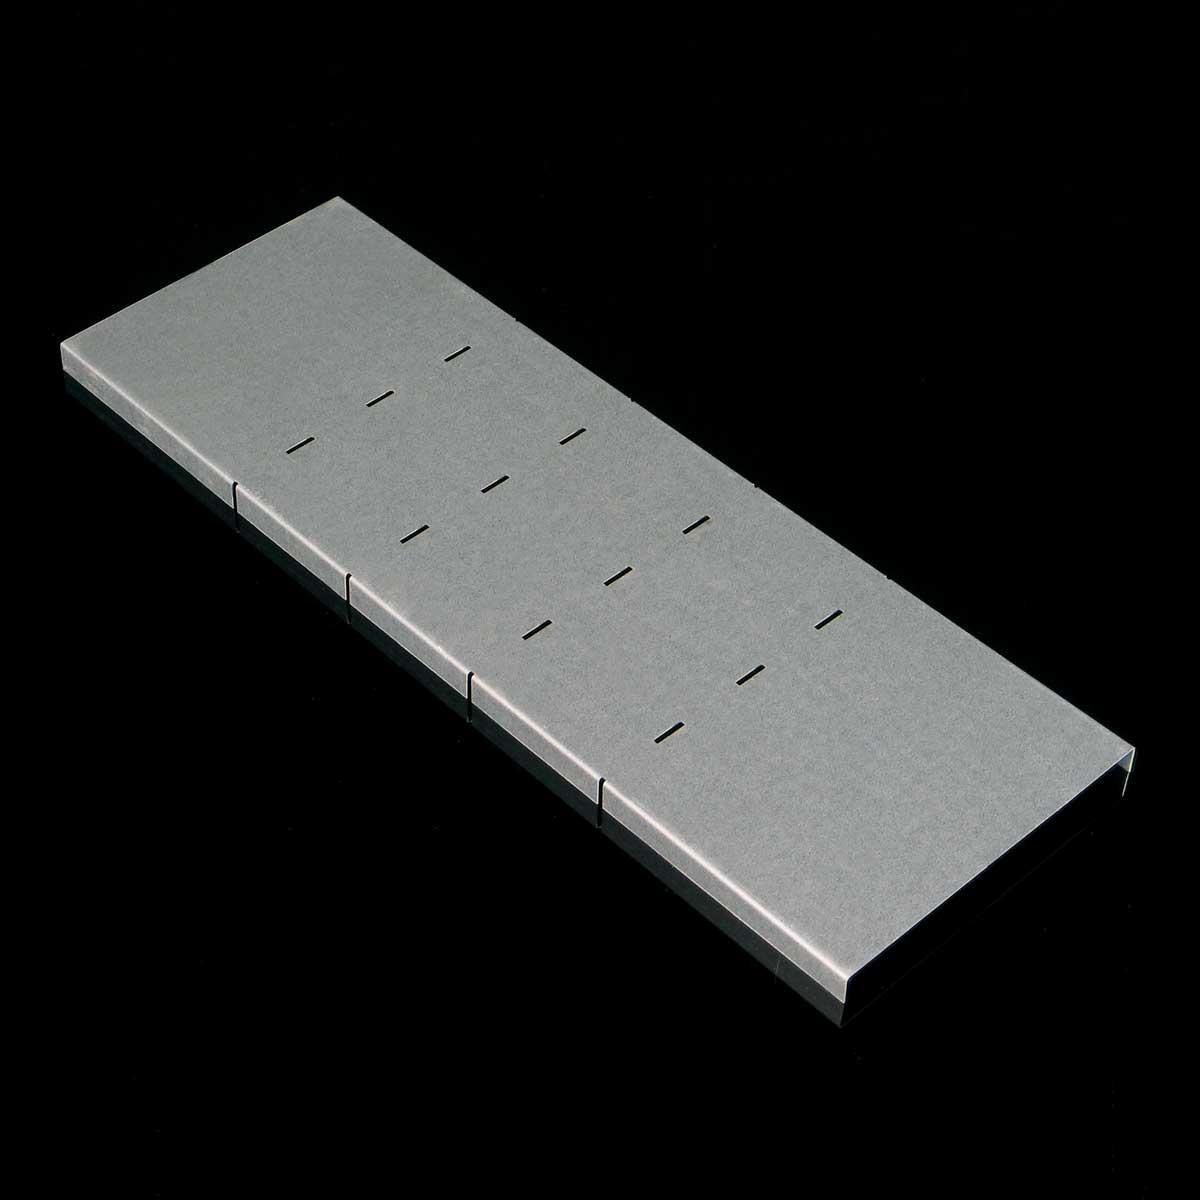 Кришка вертикального повороту внутрішнього 90° JUPITER; розміри-12x100xmm Товщ. метал-0,6 Вага-0,17кг/м